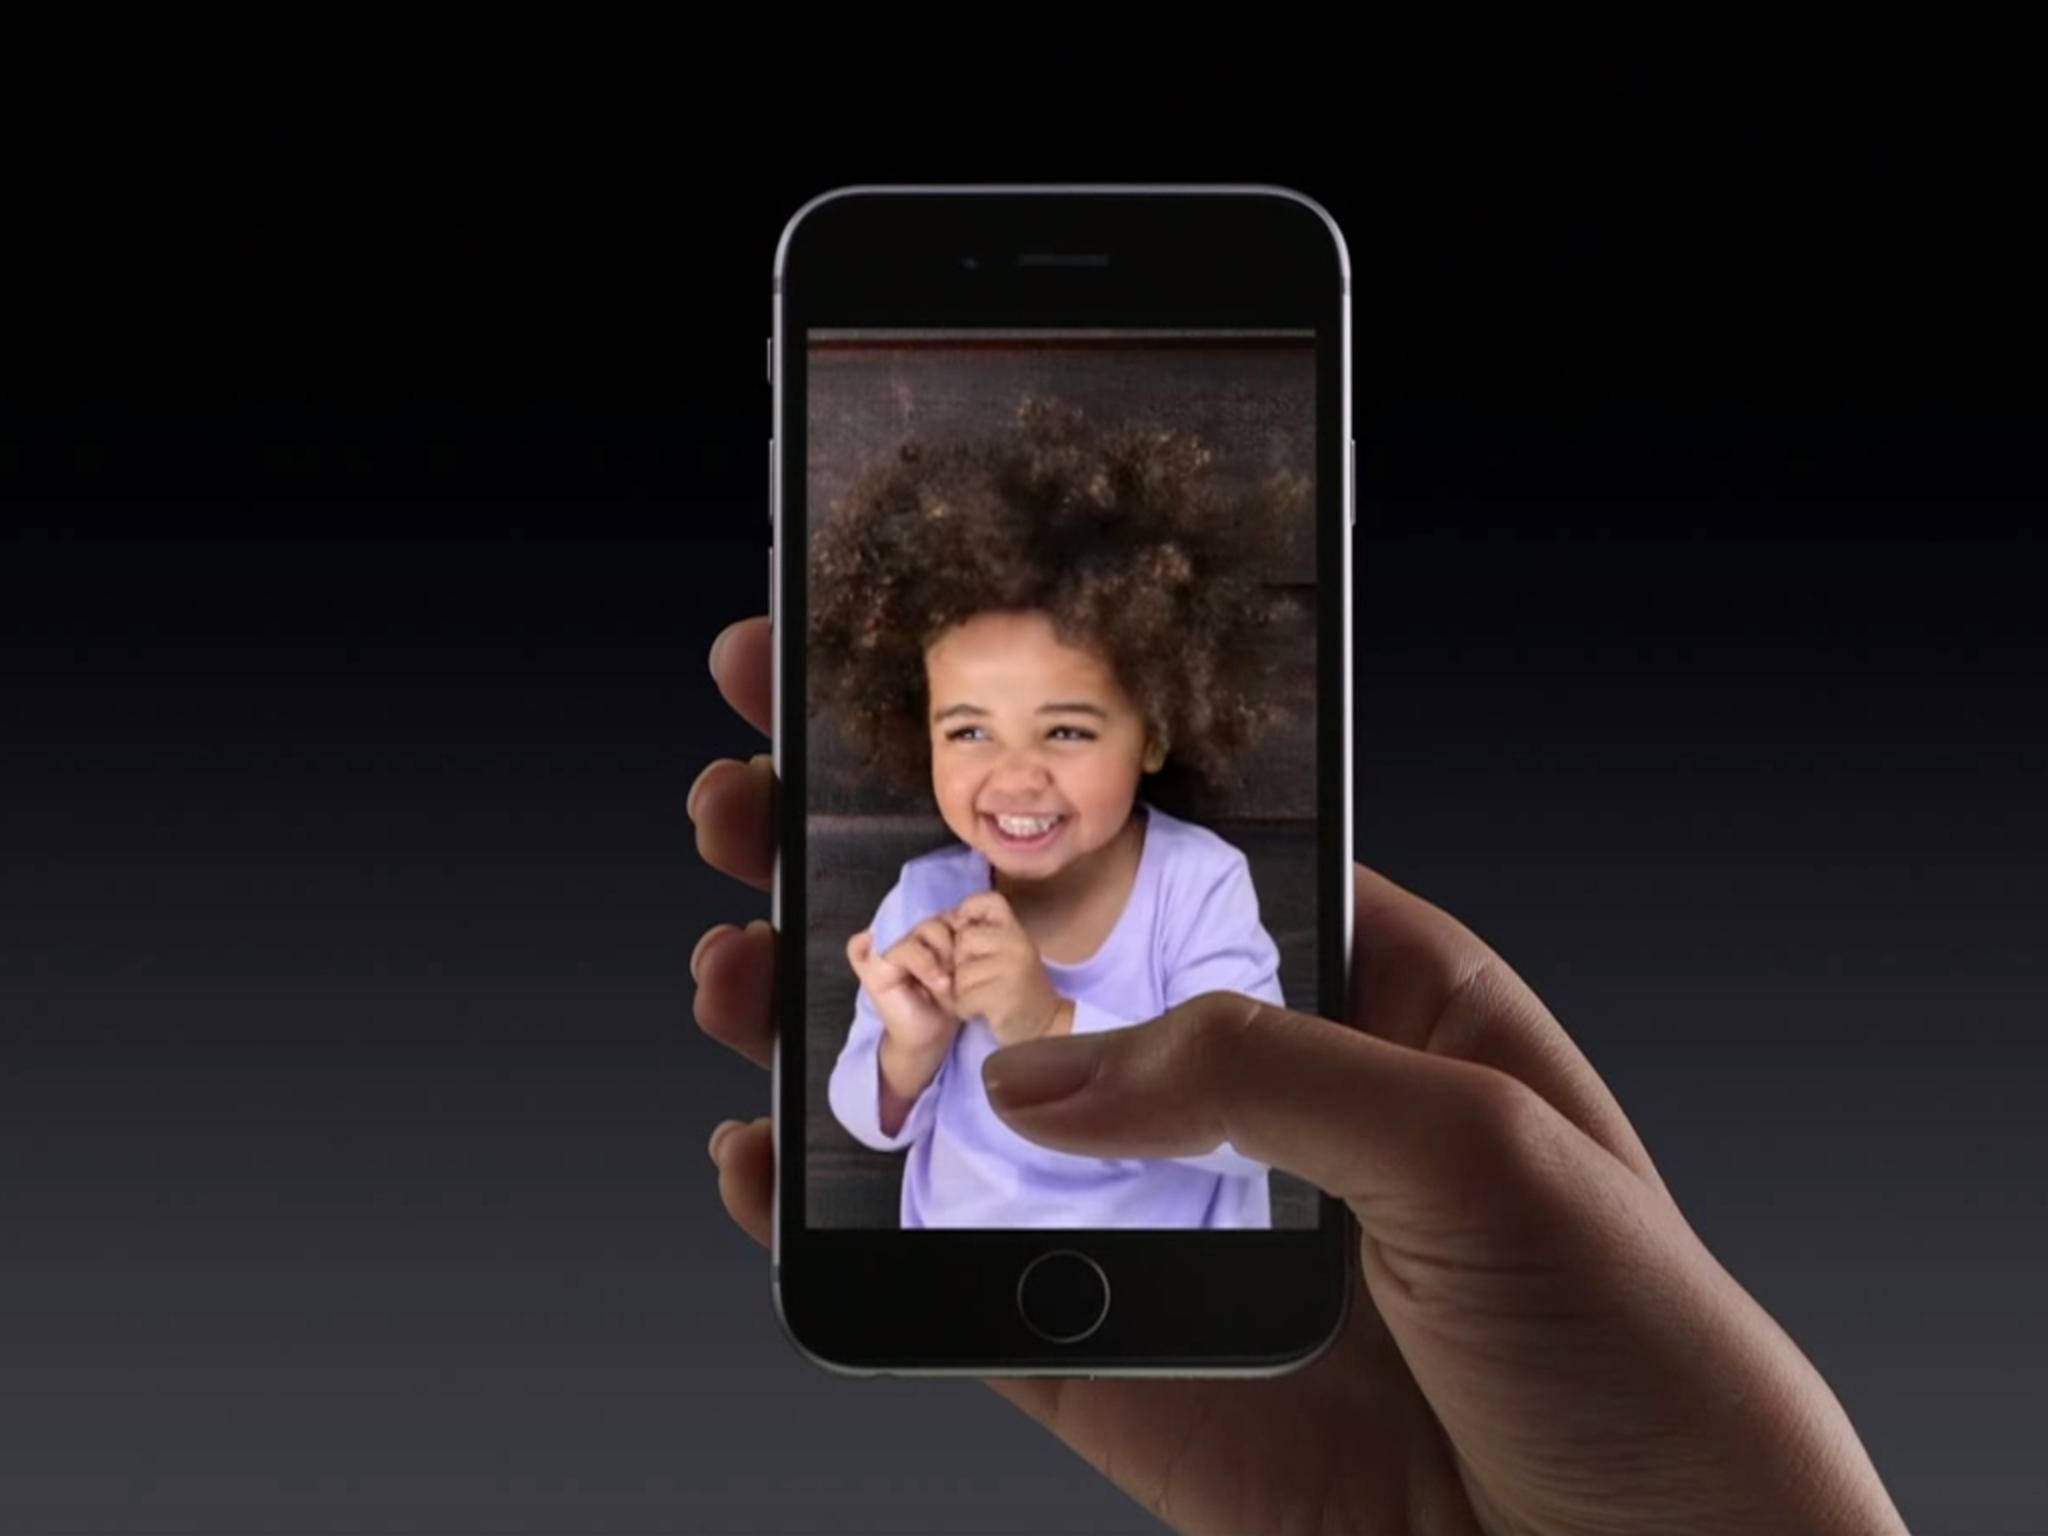 Wie das iPhone 6s: Auch das Galaxy S7 soll ein Live Photo-Feature besitzen.